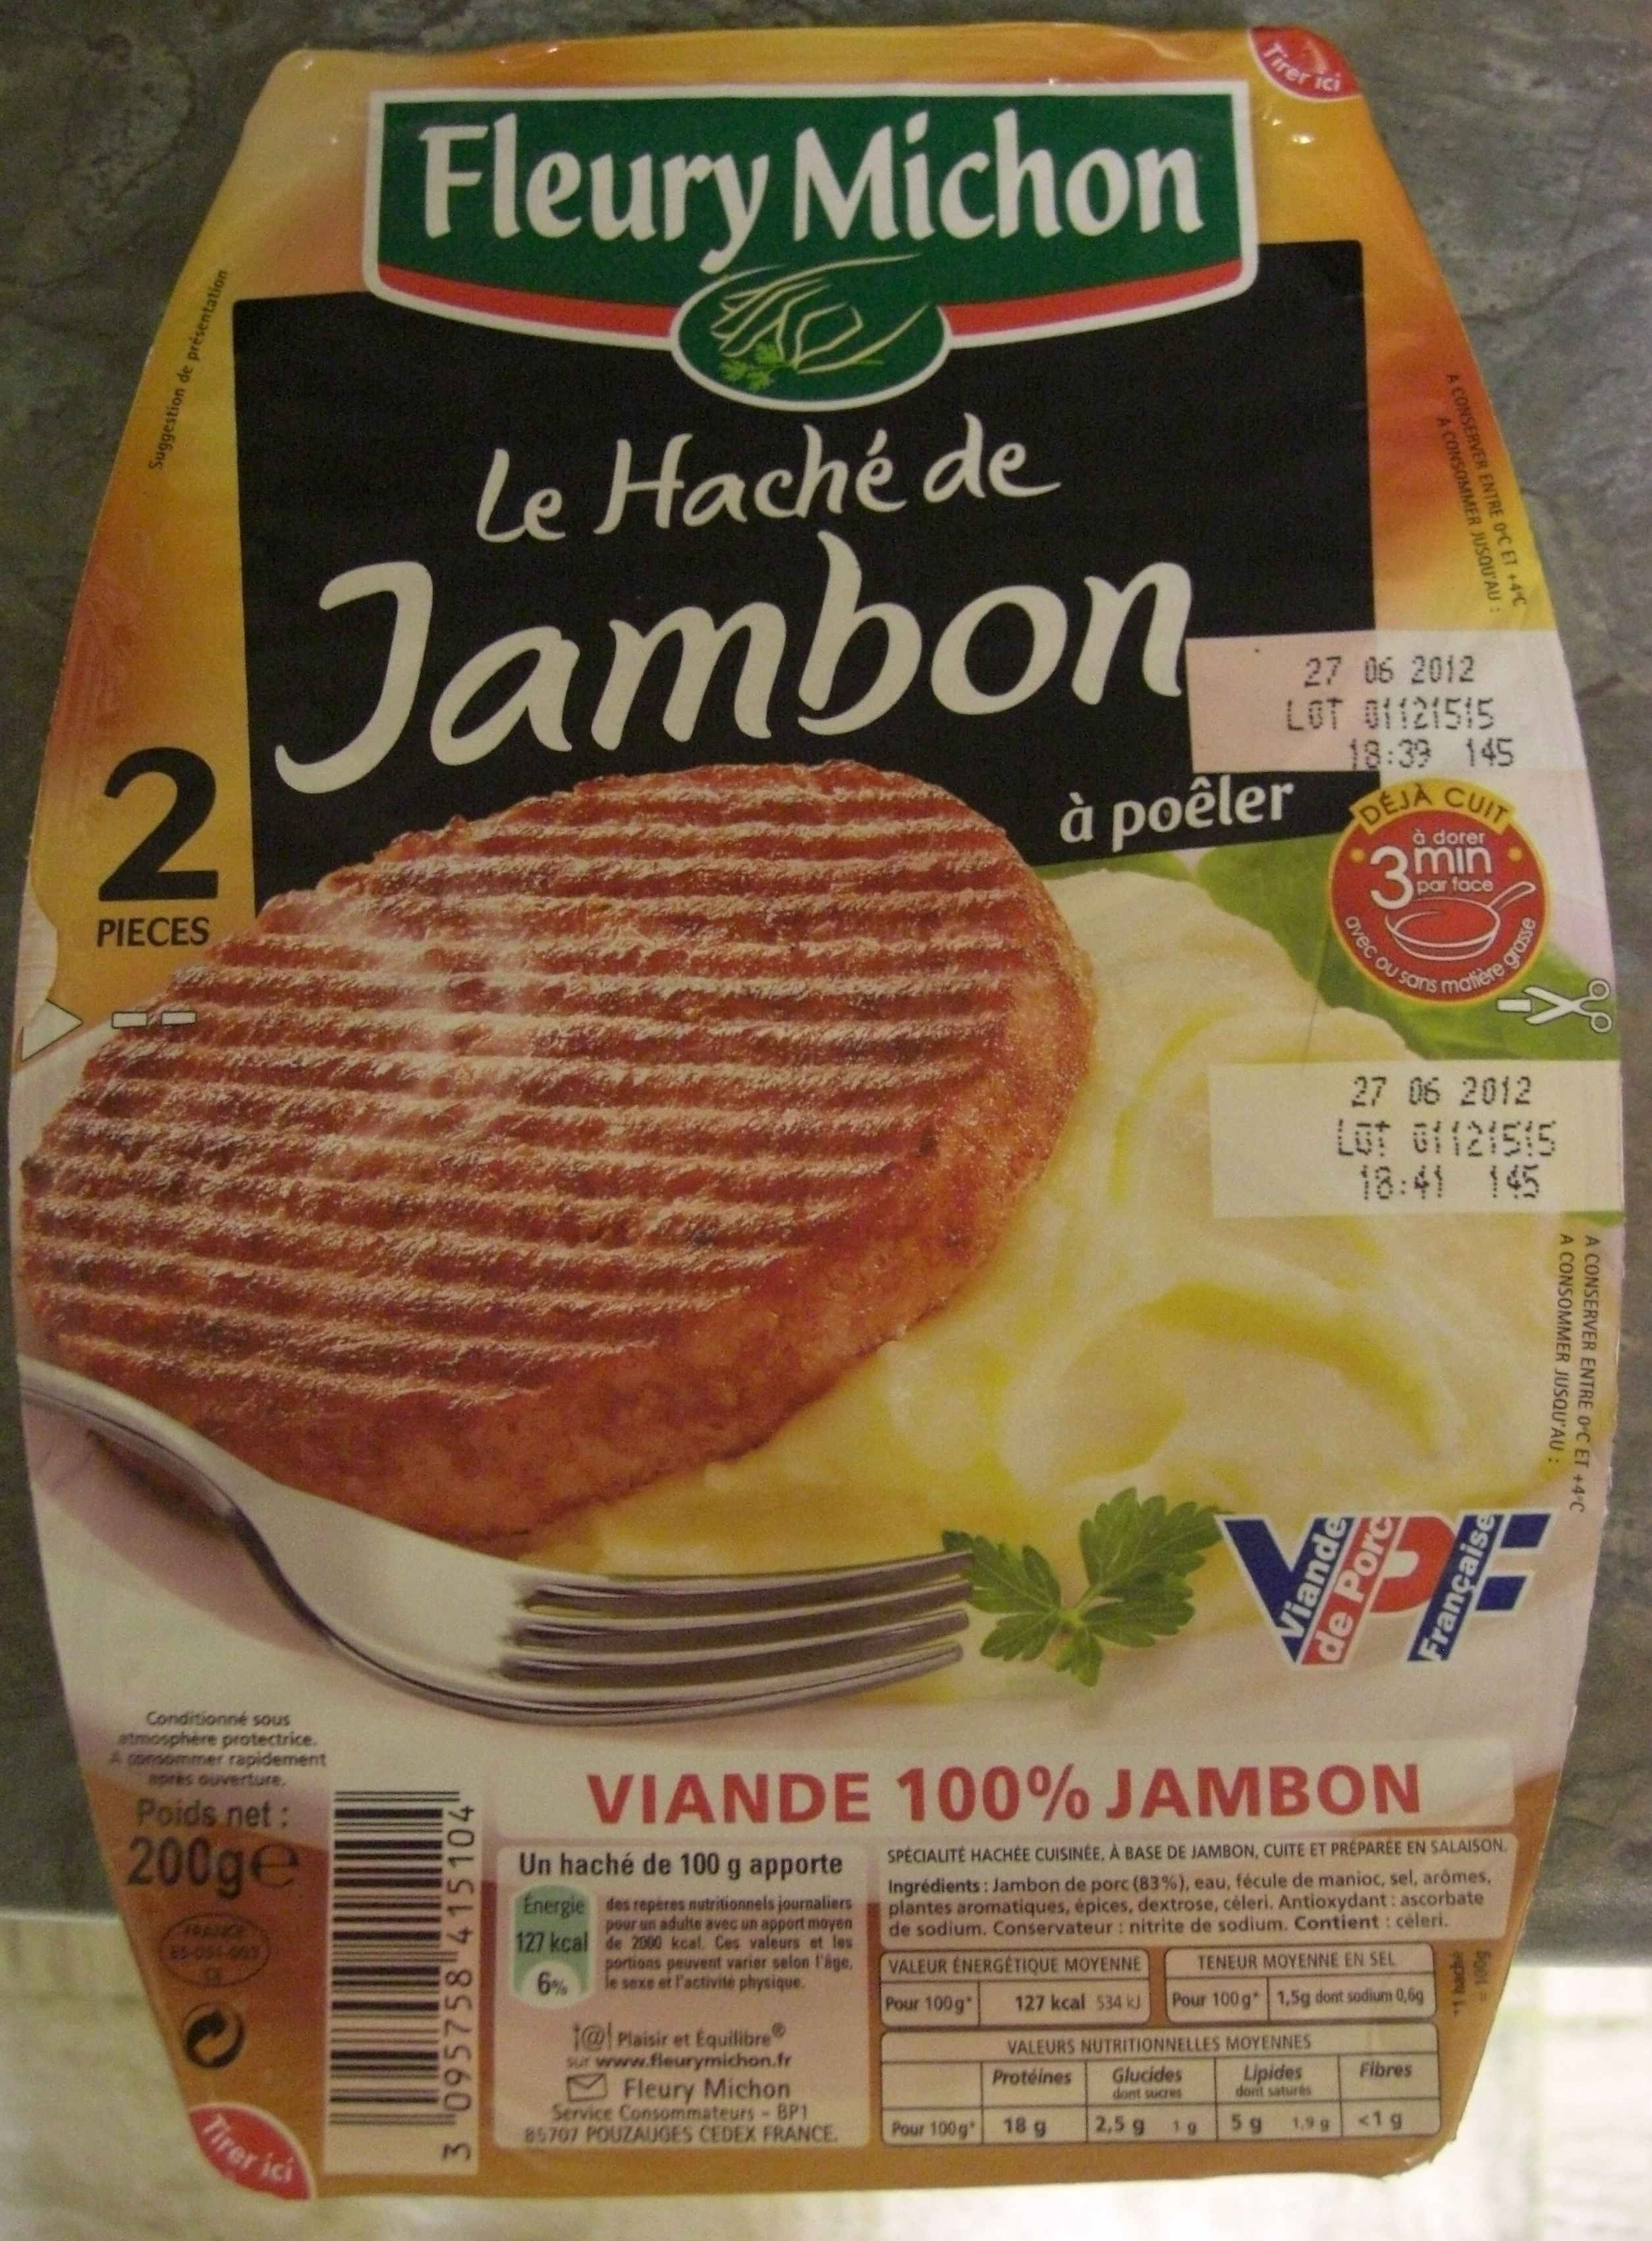 Le Haché de Jambon à poêler (2 Pièces) - Produit - fr